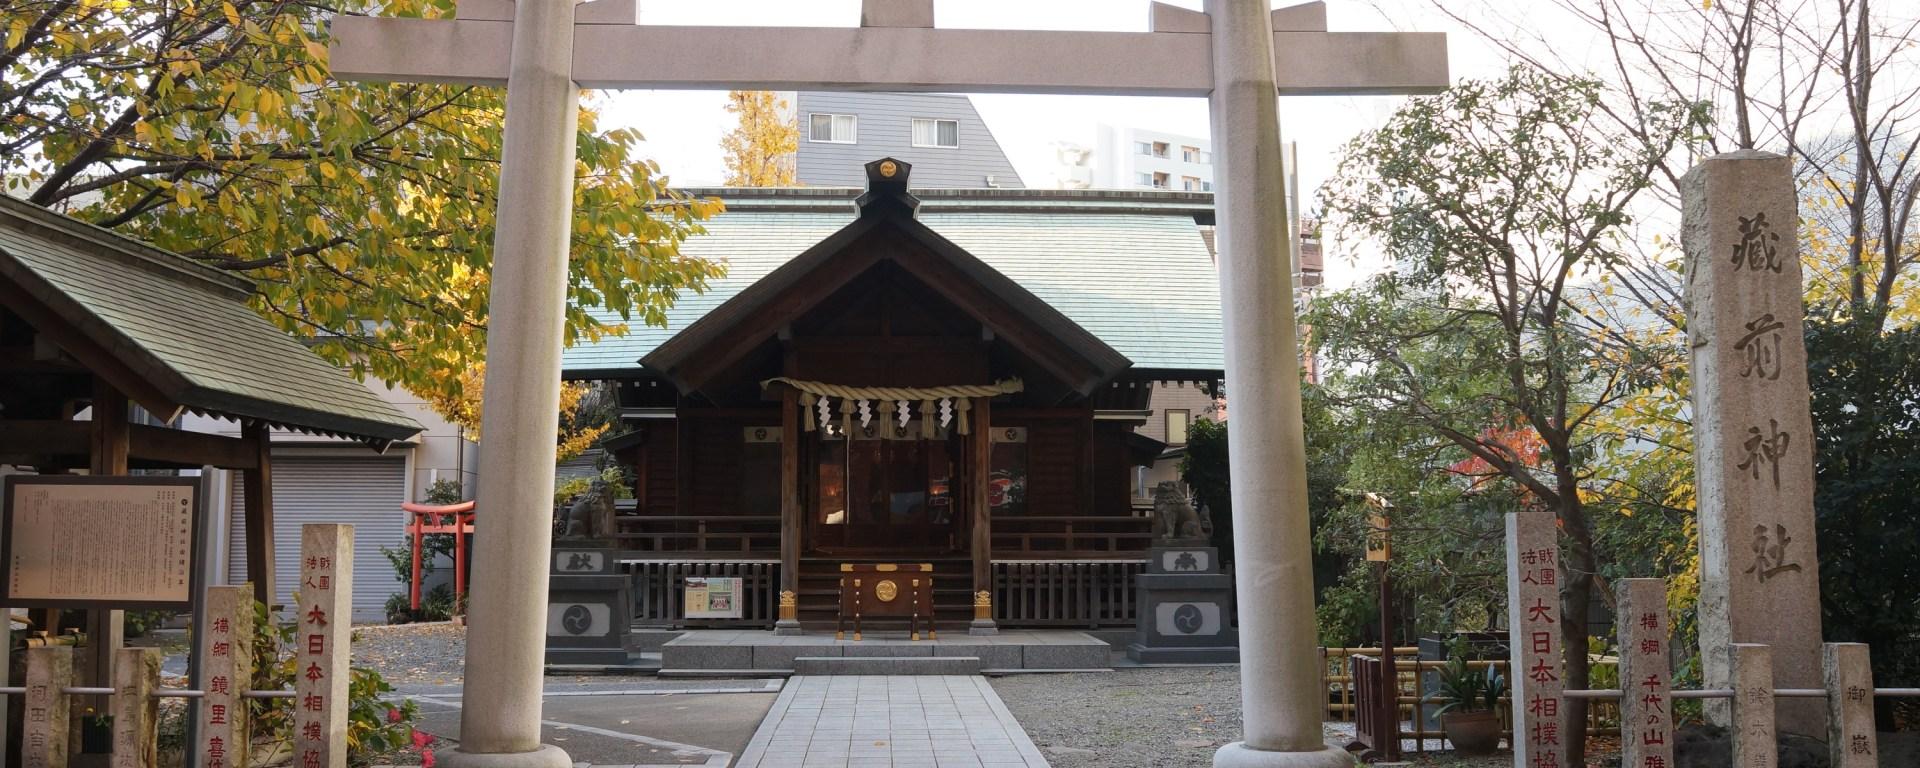 kuramae shrine